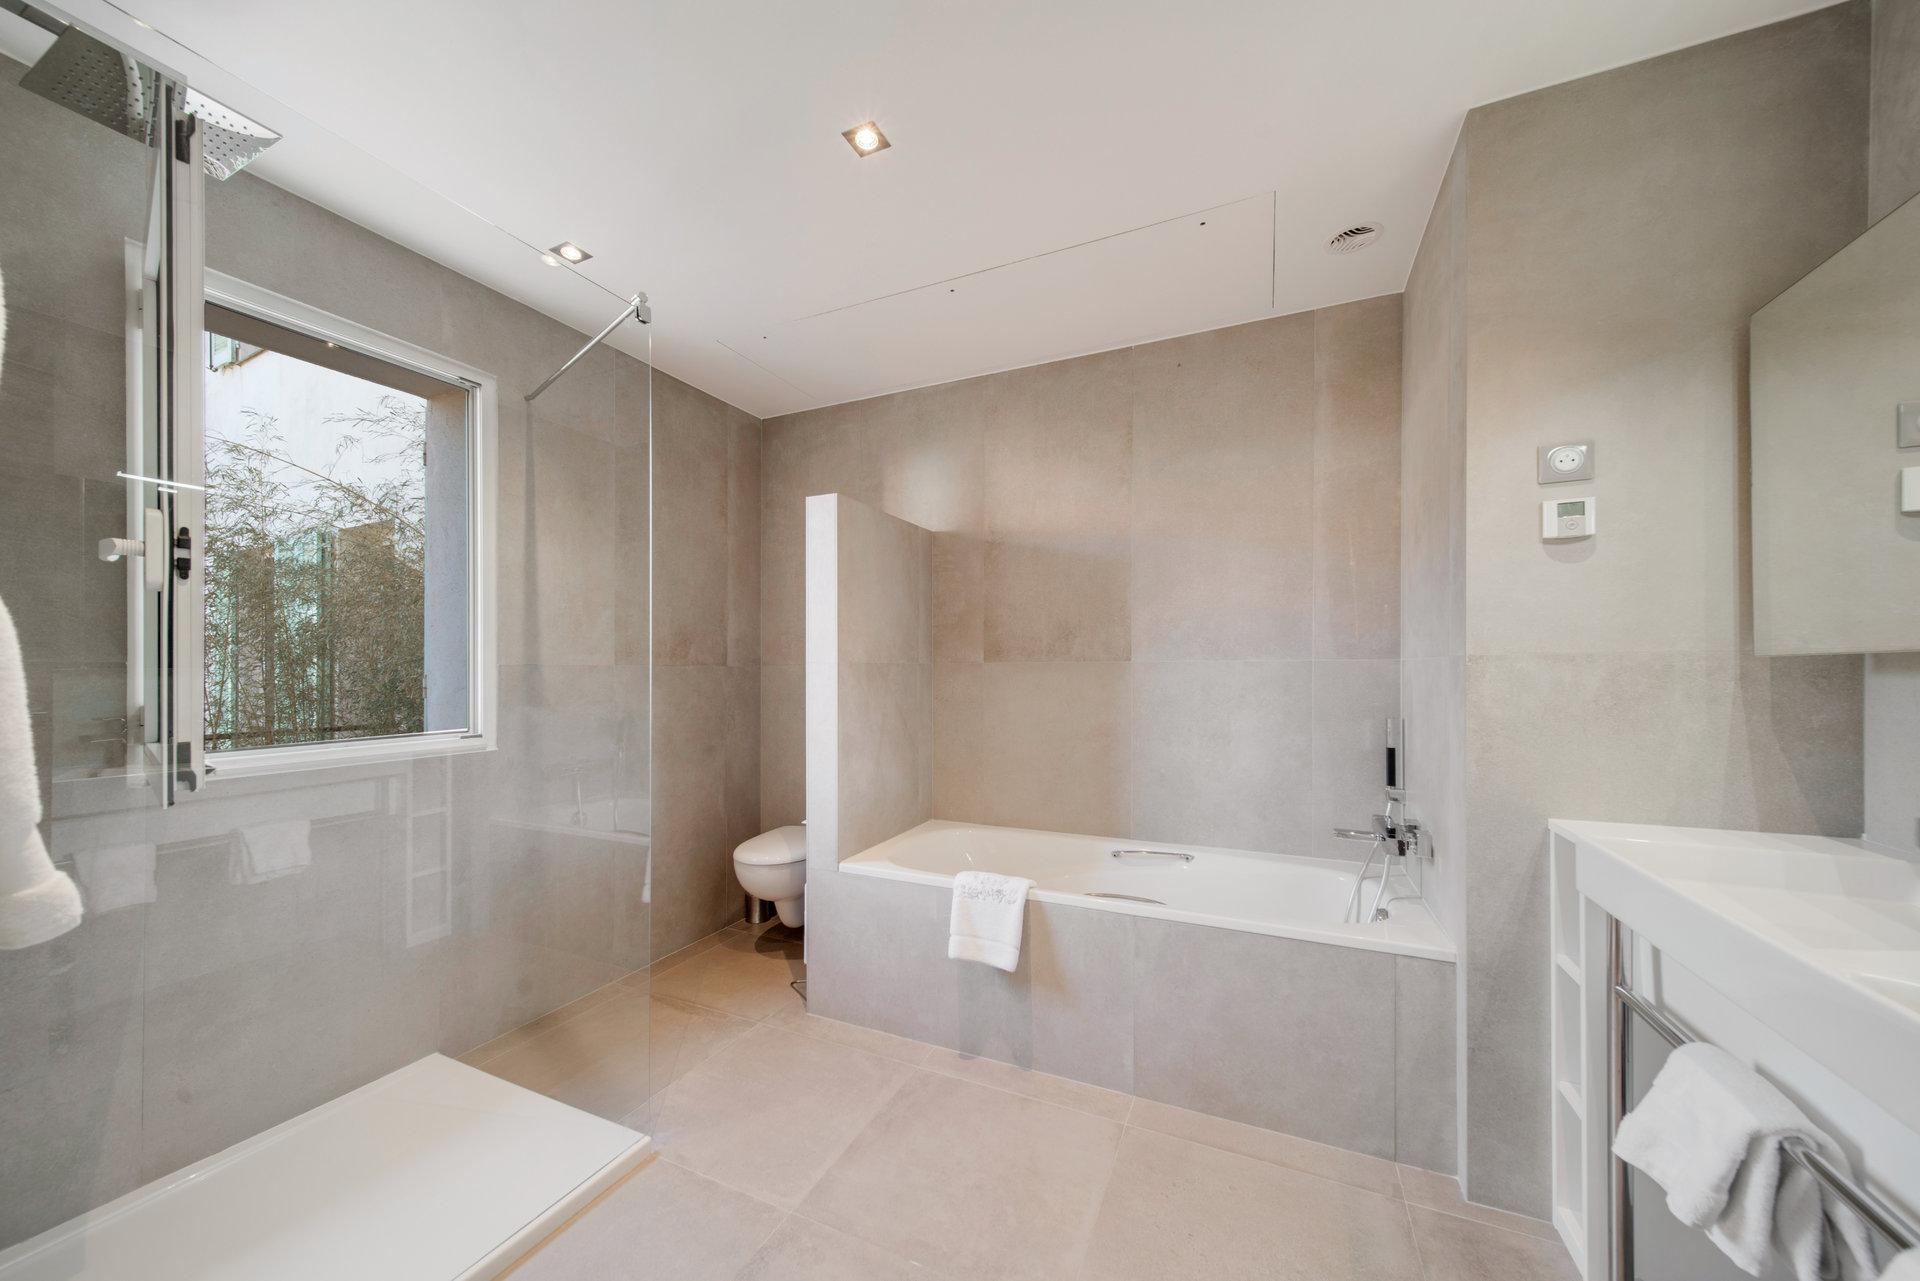 location congrès appartement 4 chambres centre Cannes